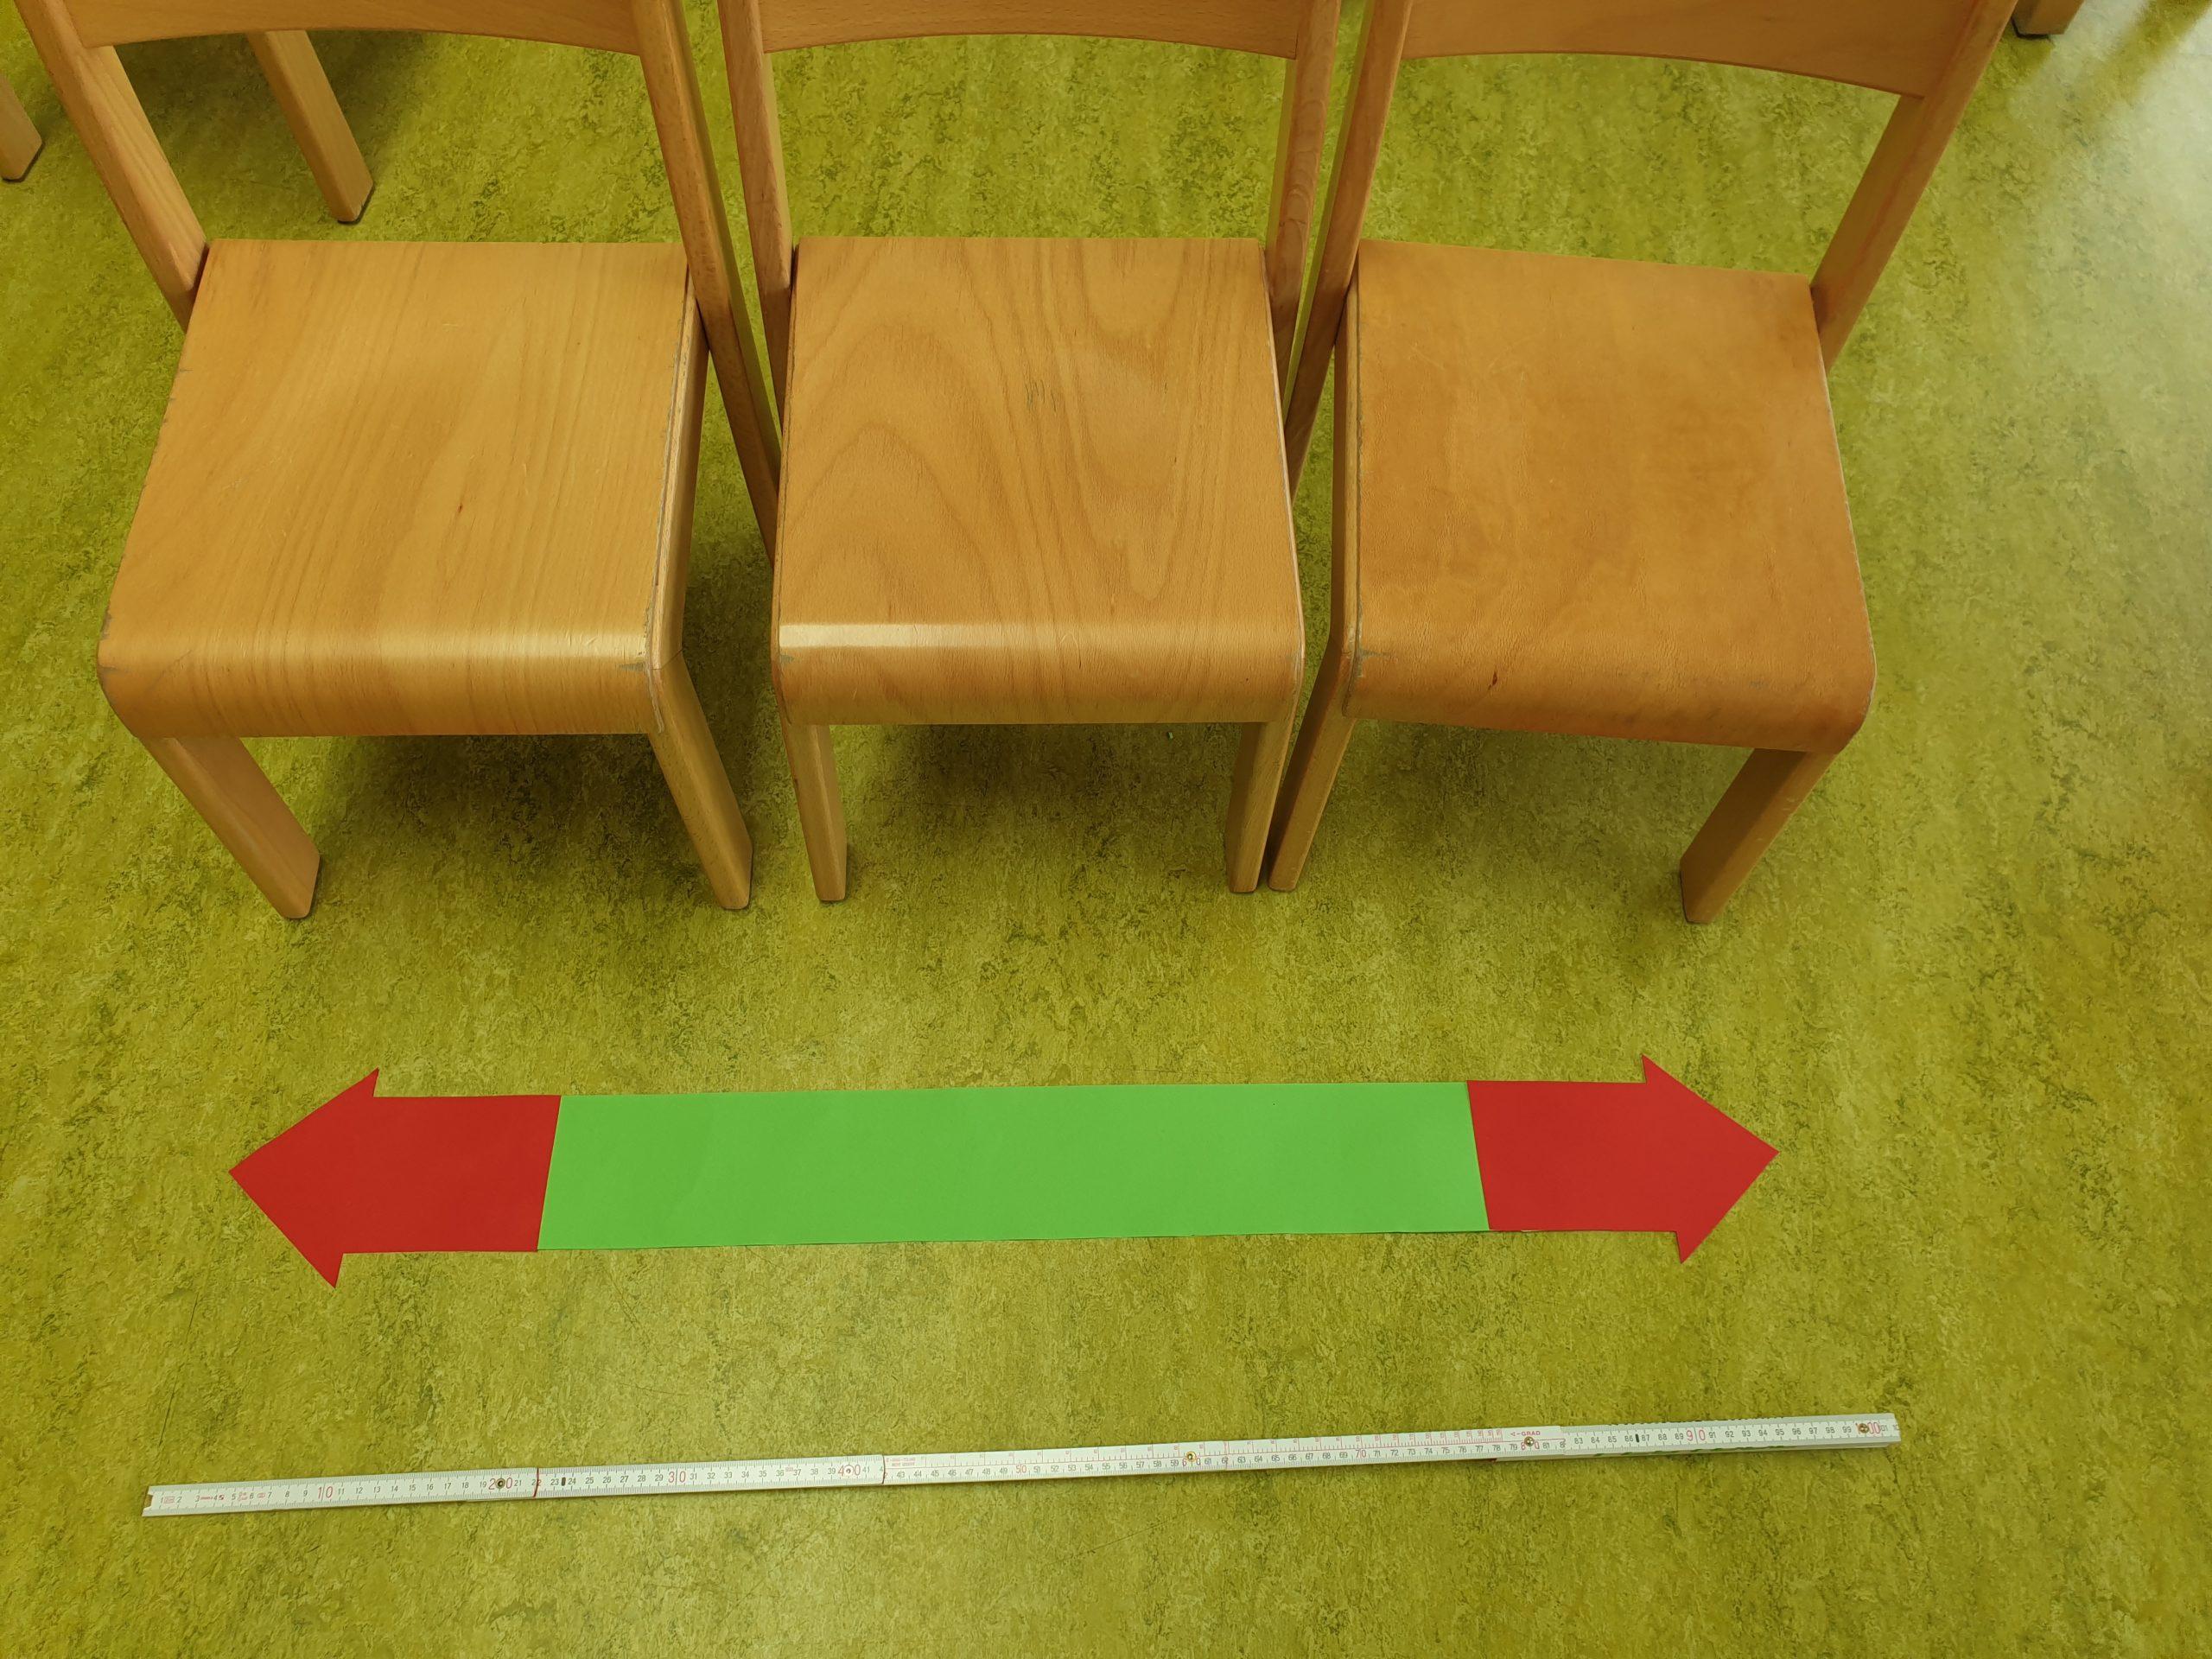 Abstand halten: Wie lang ist eigentlich 1 Meter?